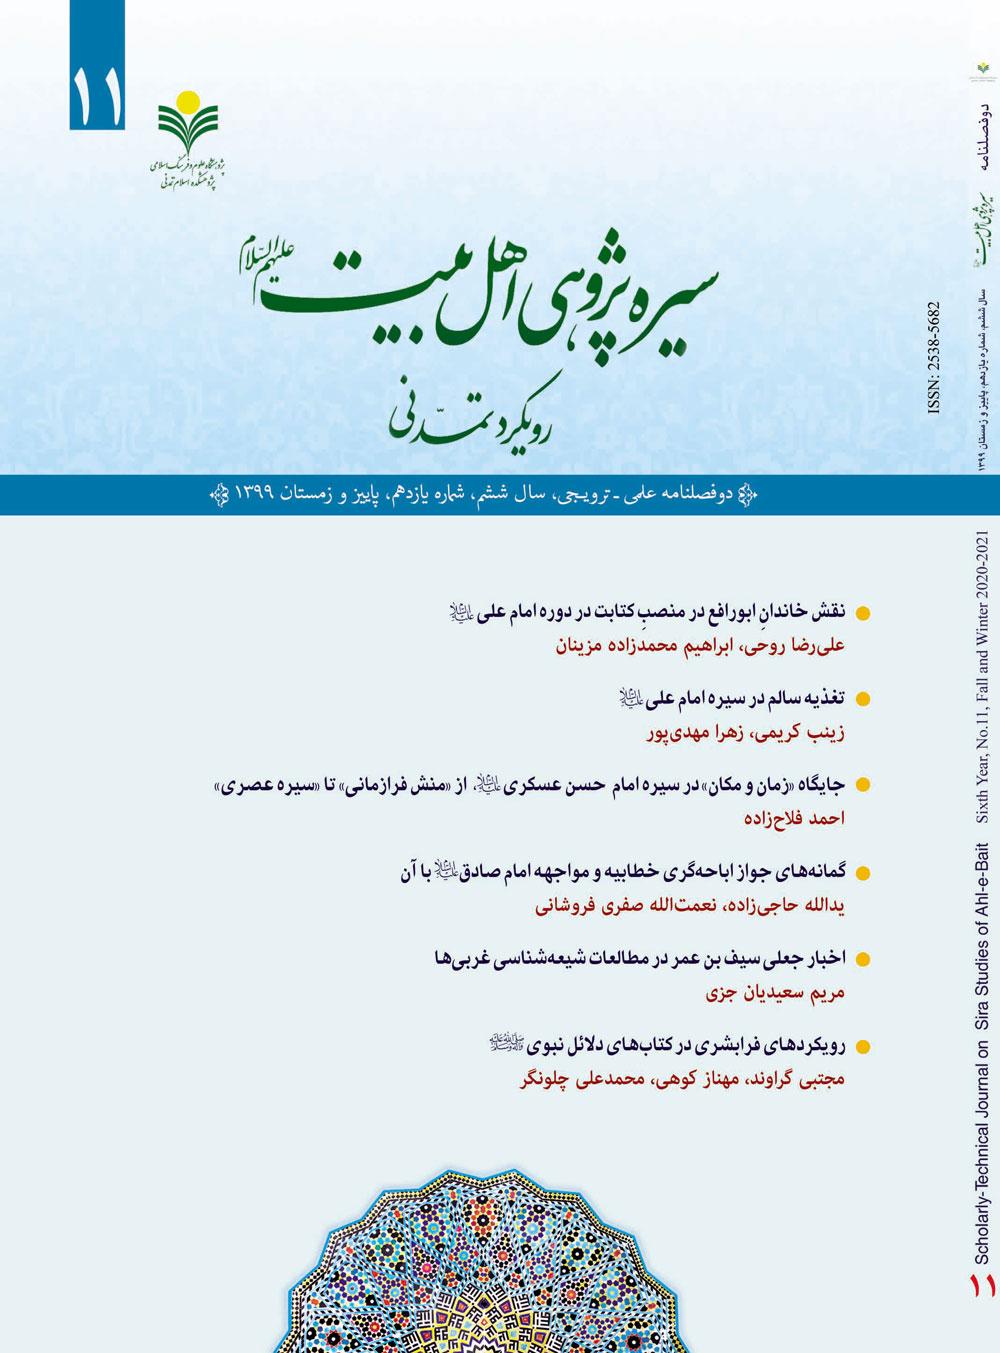 سیره امام علی علیه السلام در دریافت مالیات